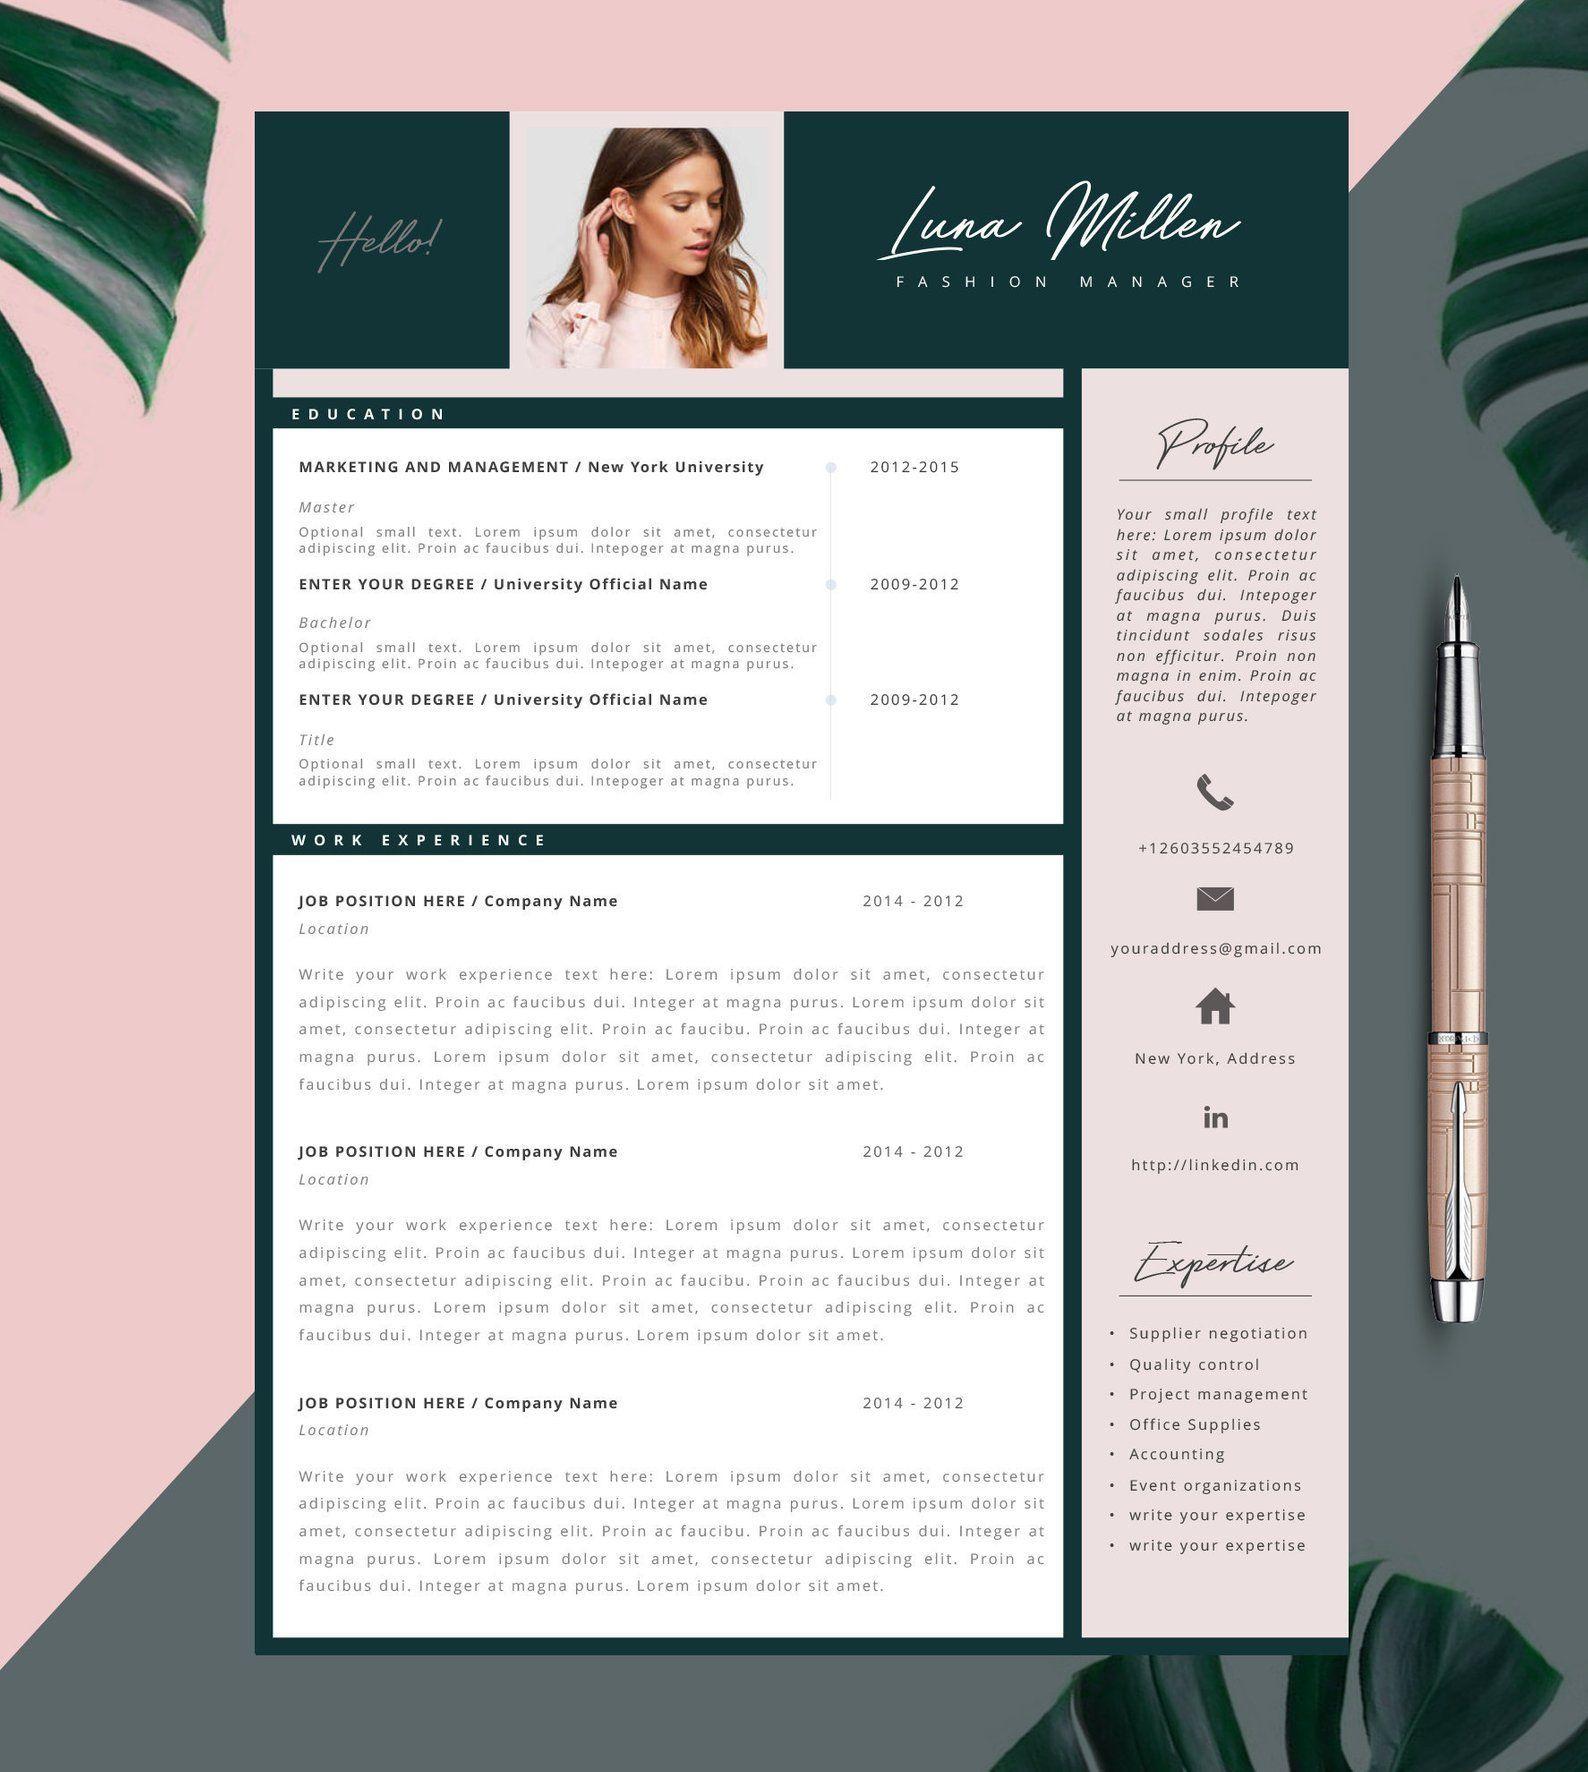 La Mode Cv Modele De Cv Modele Cv Cv Creatif Cv De 2 Etsy Resume Design Creative Fashion Resume Creative Resume